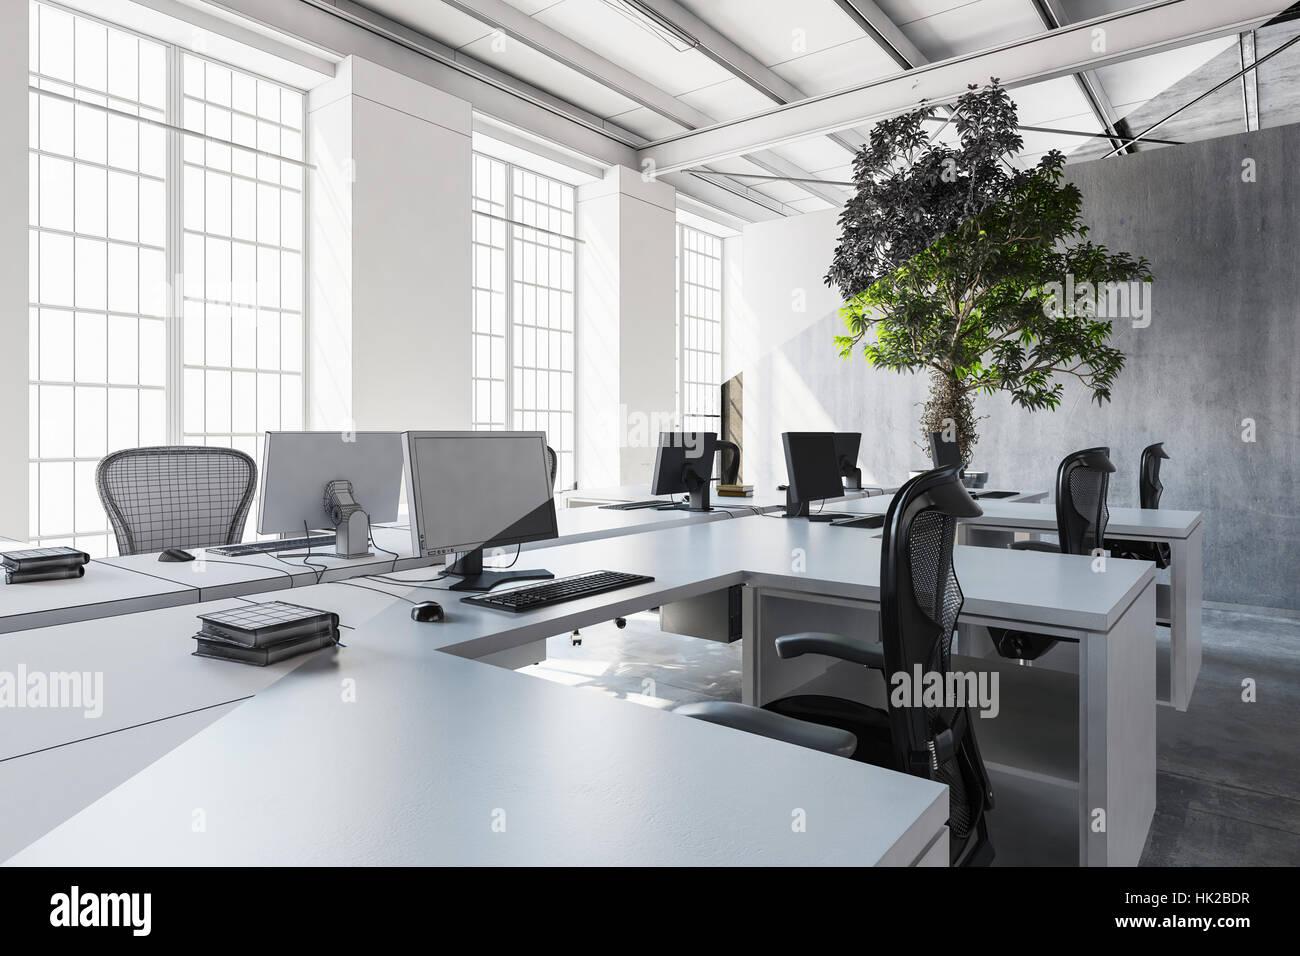 Ufficio Bianco E Grigio : Ben illuminata ufficio in bianco e i toni di grigio con diversi